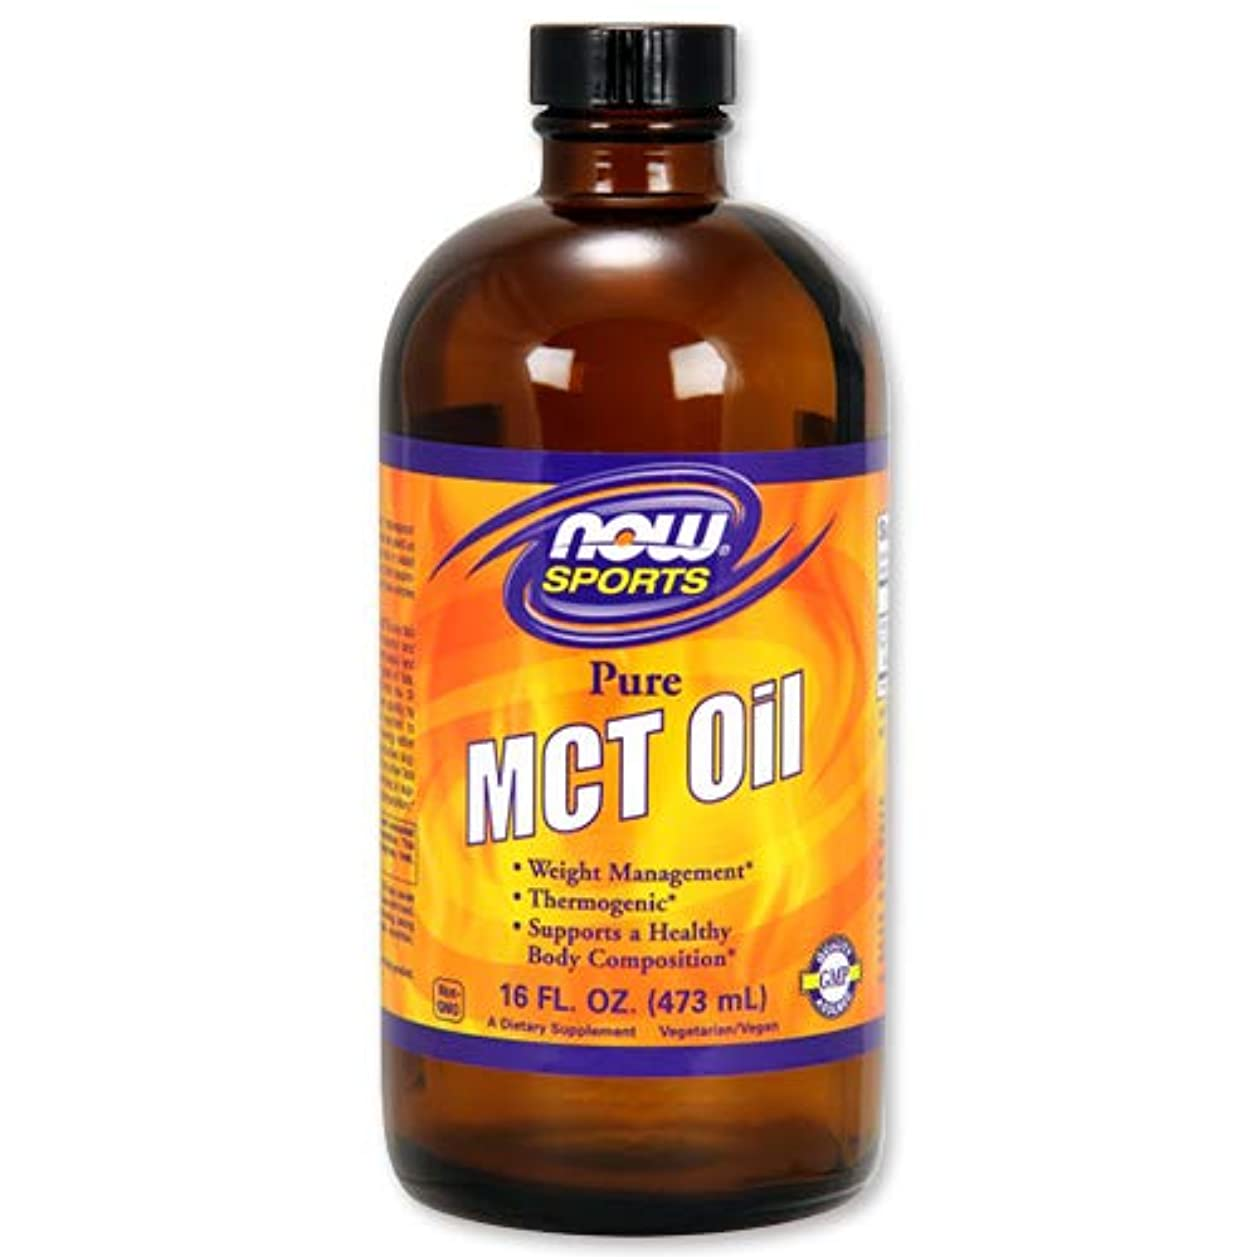 類人猿貧困公爵NOW Foods MCTオイル 16 FL OZ 473ml [海外直送品]